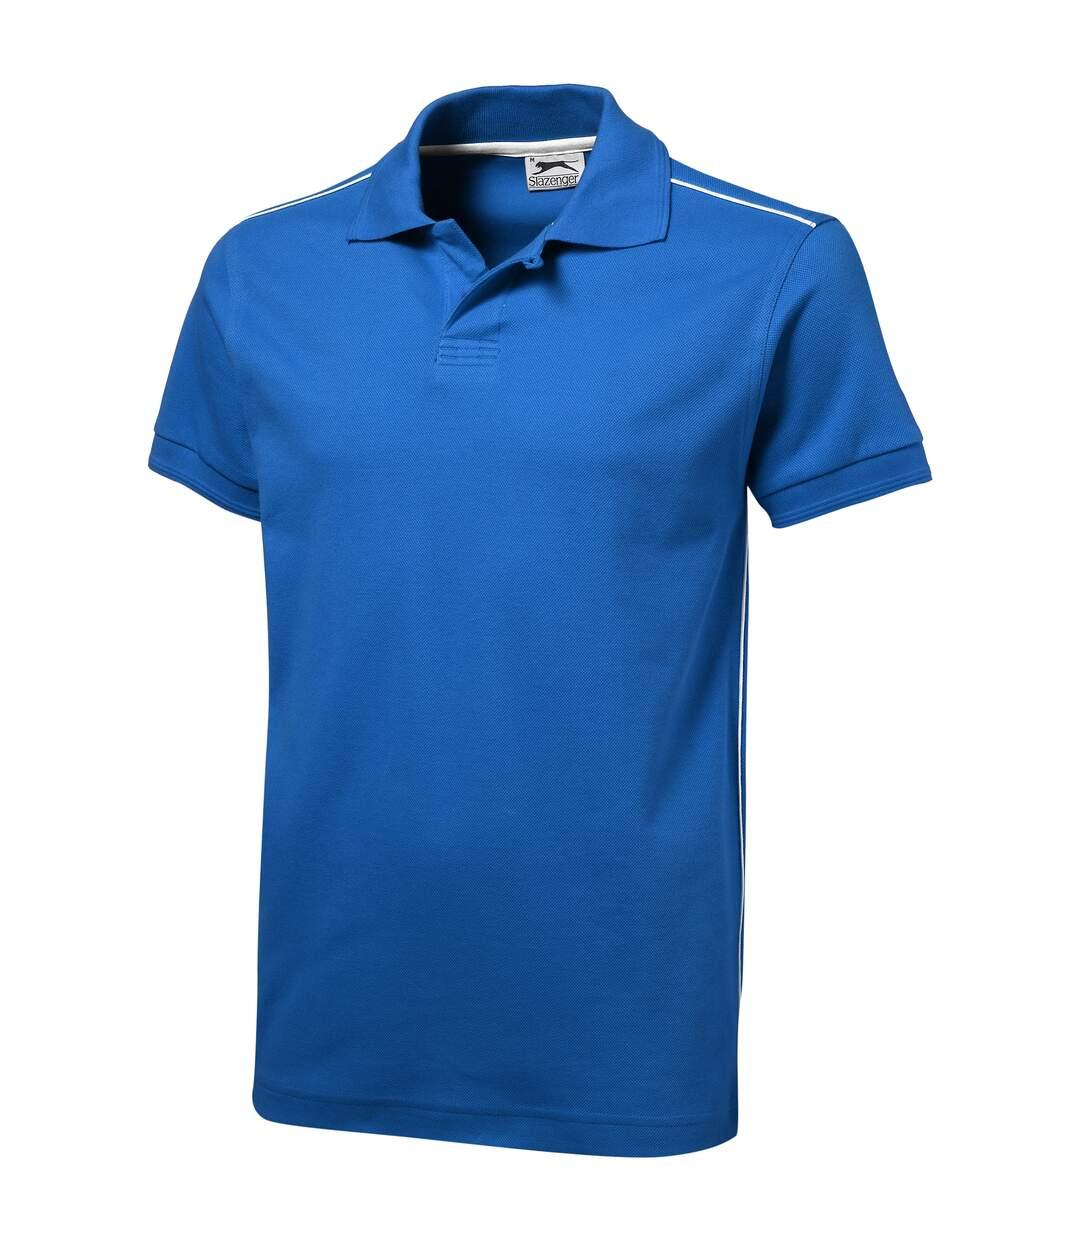 Slazenger Mens Backhand Short Sleeve Polo (Sky Blue) - UTPF1734